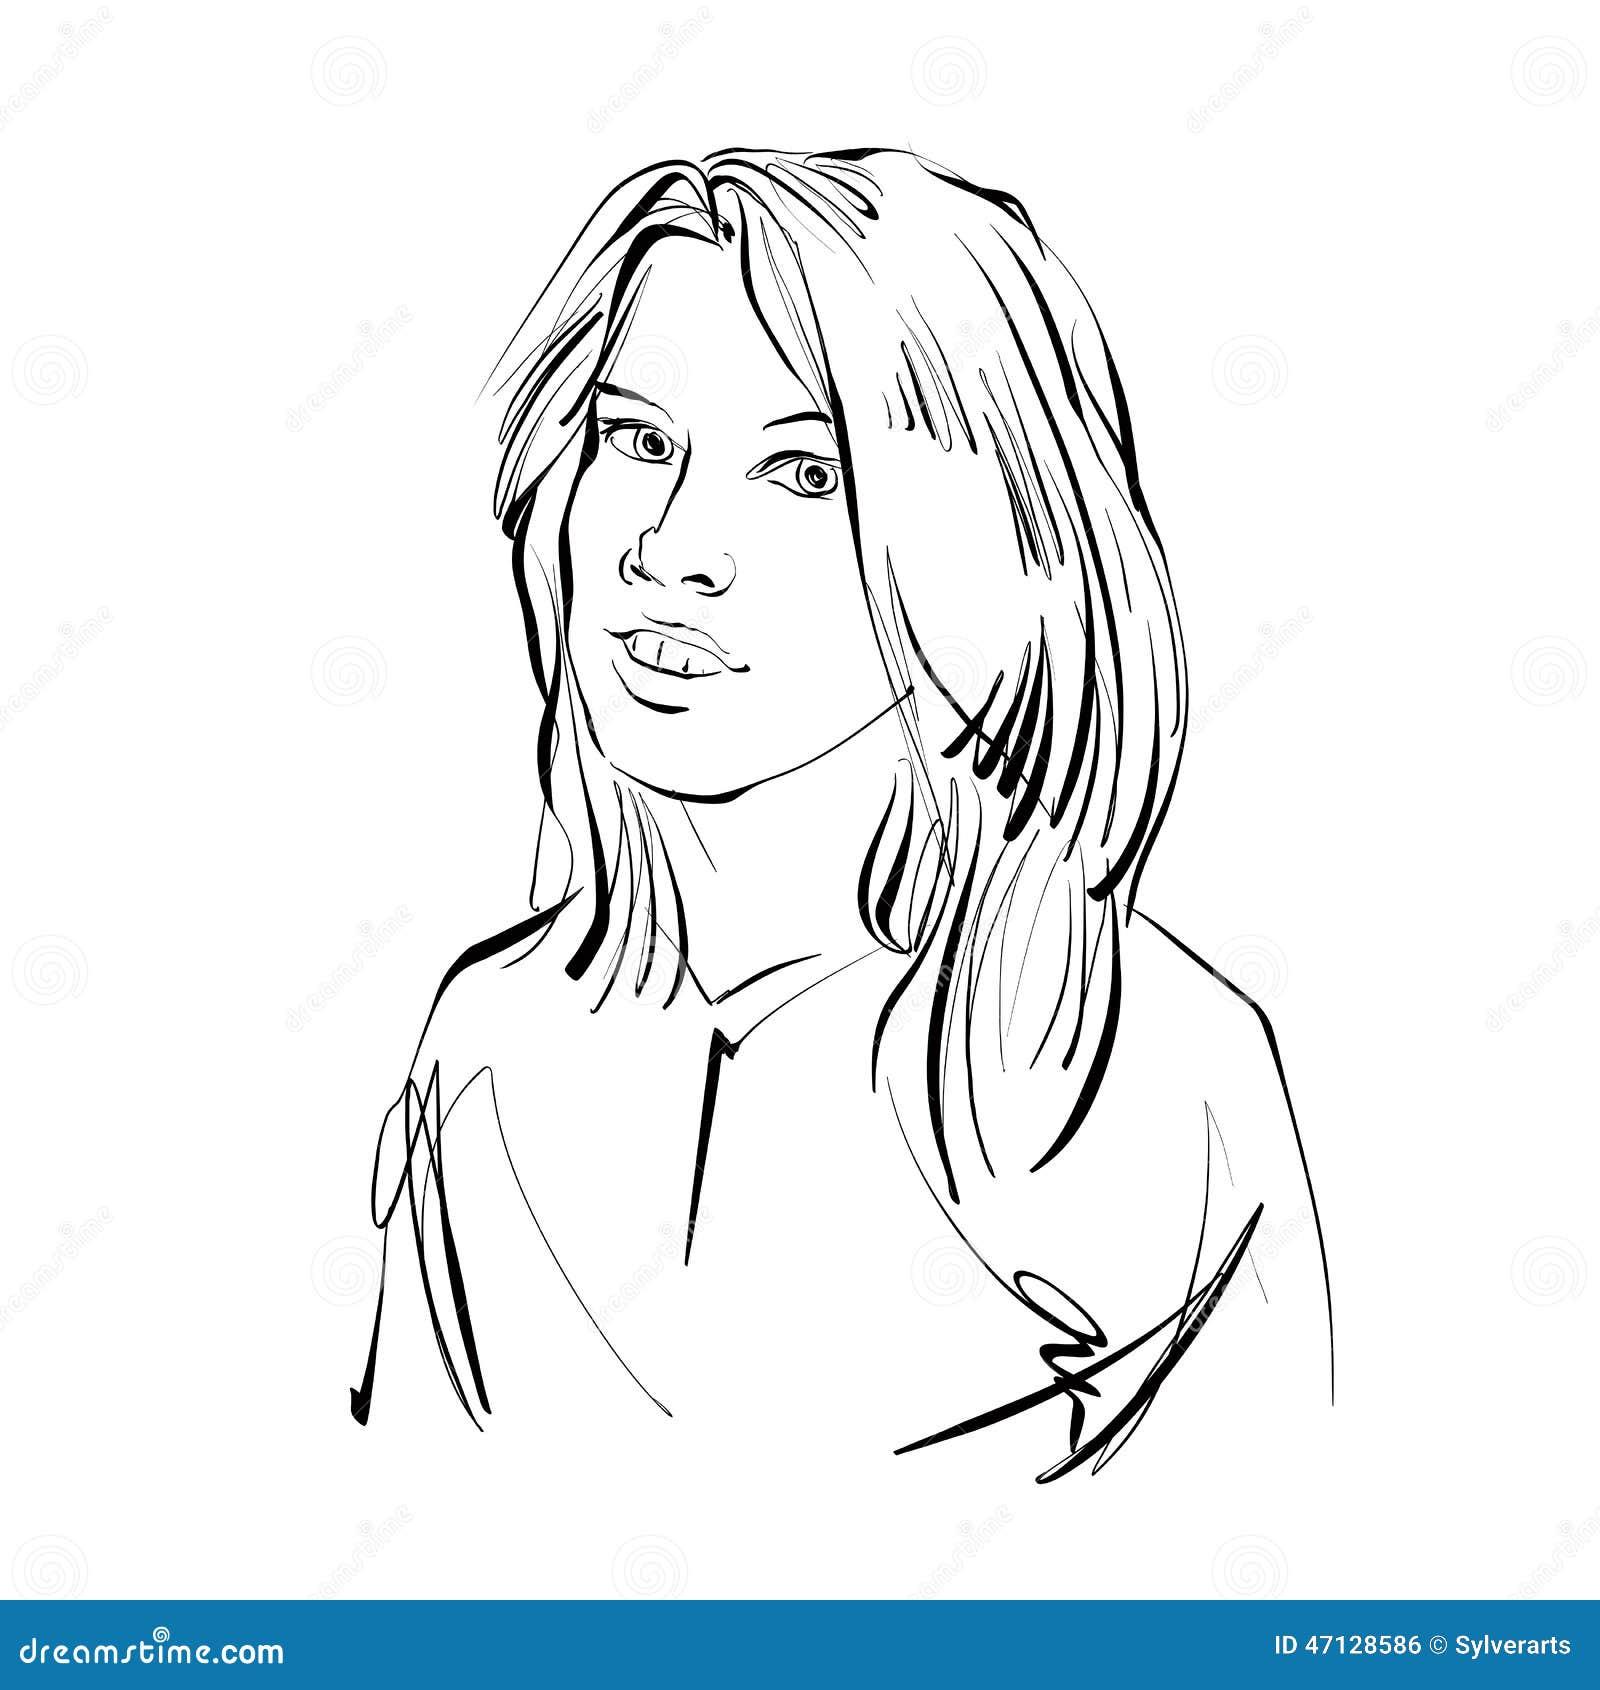 Schwarzweiss Hand Gezeichnete Illustration Einer Frau Madchen Mit